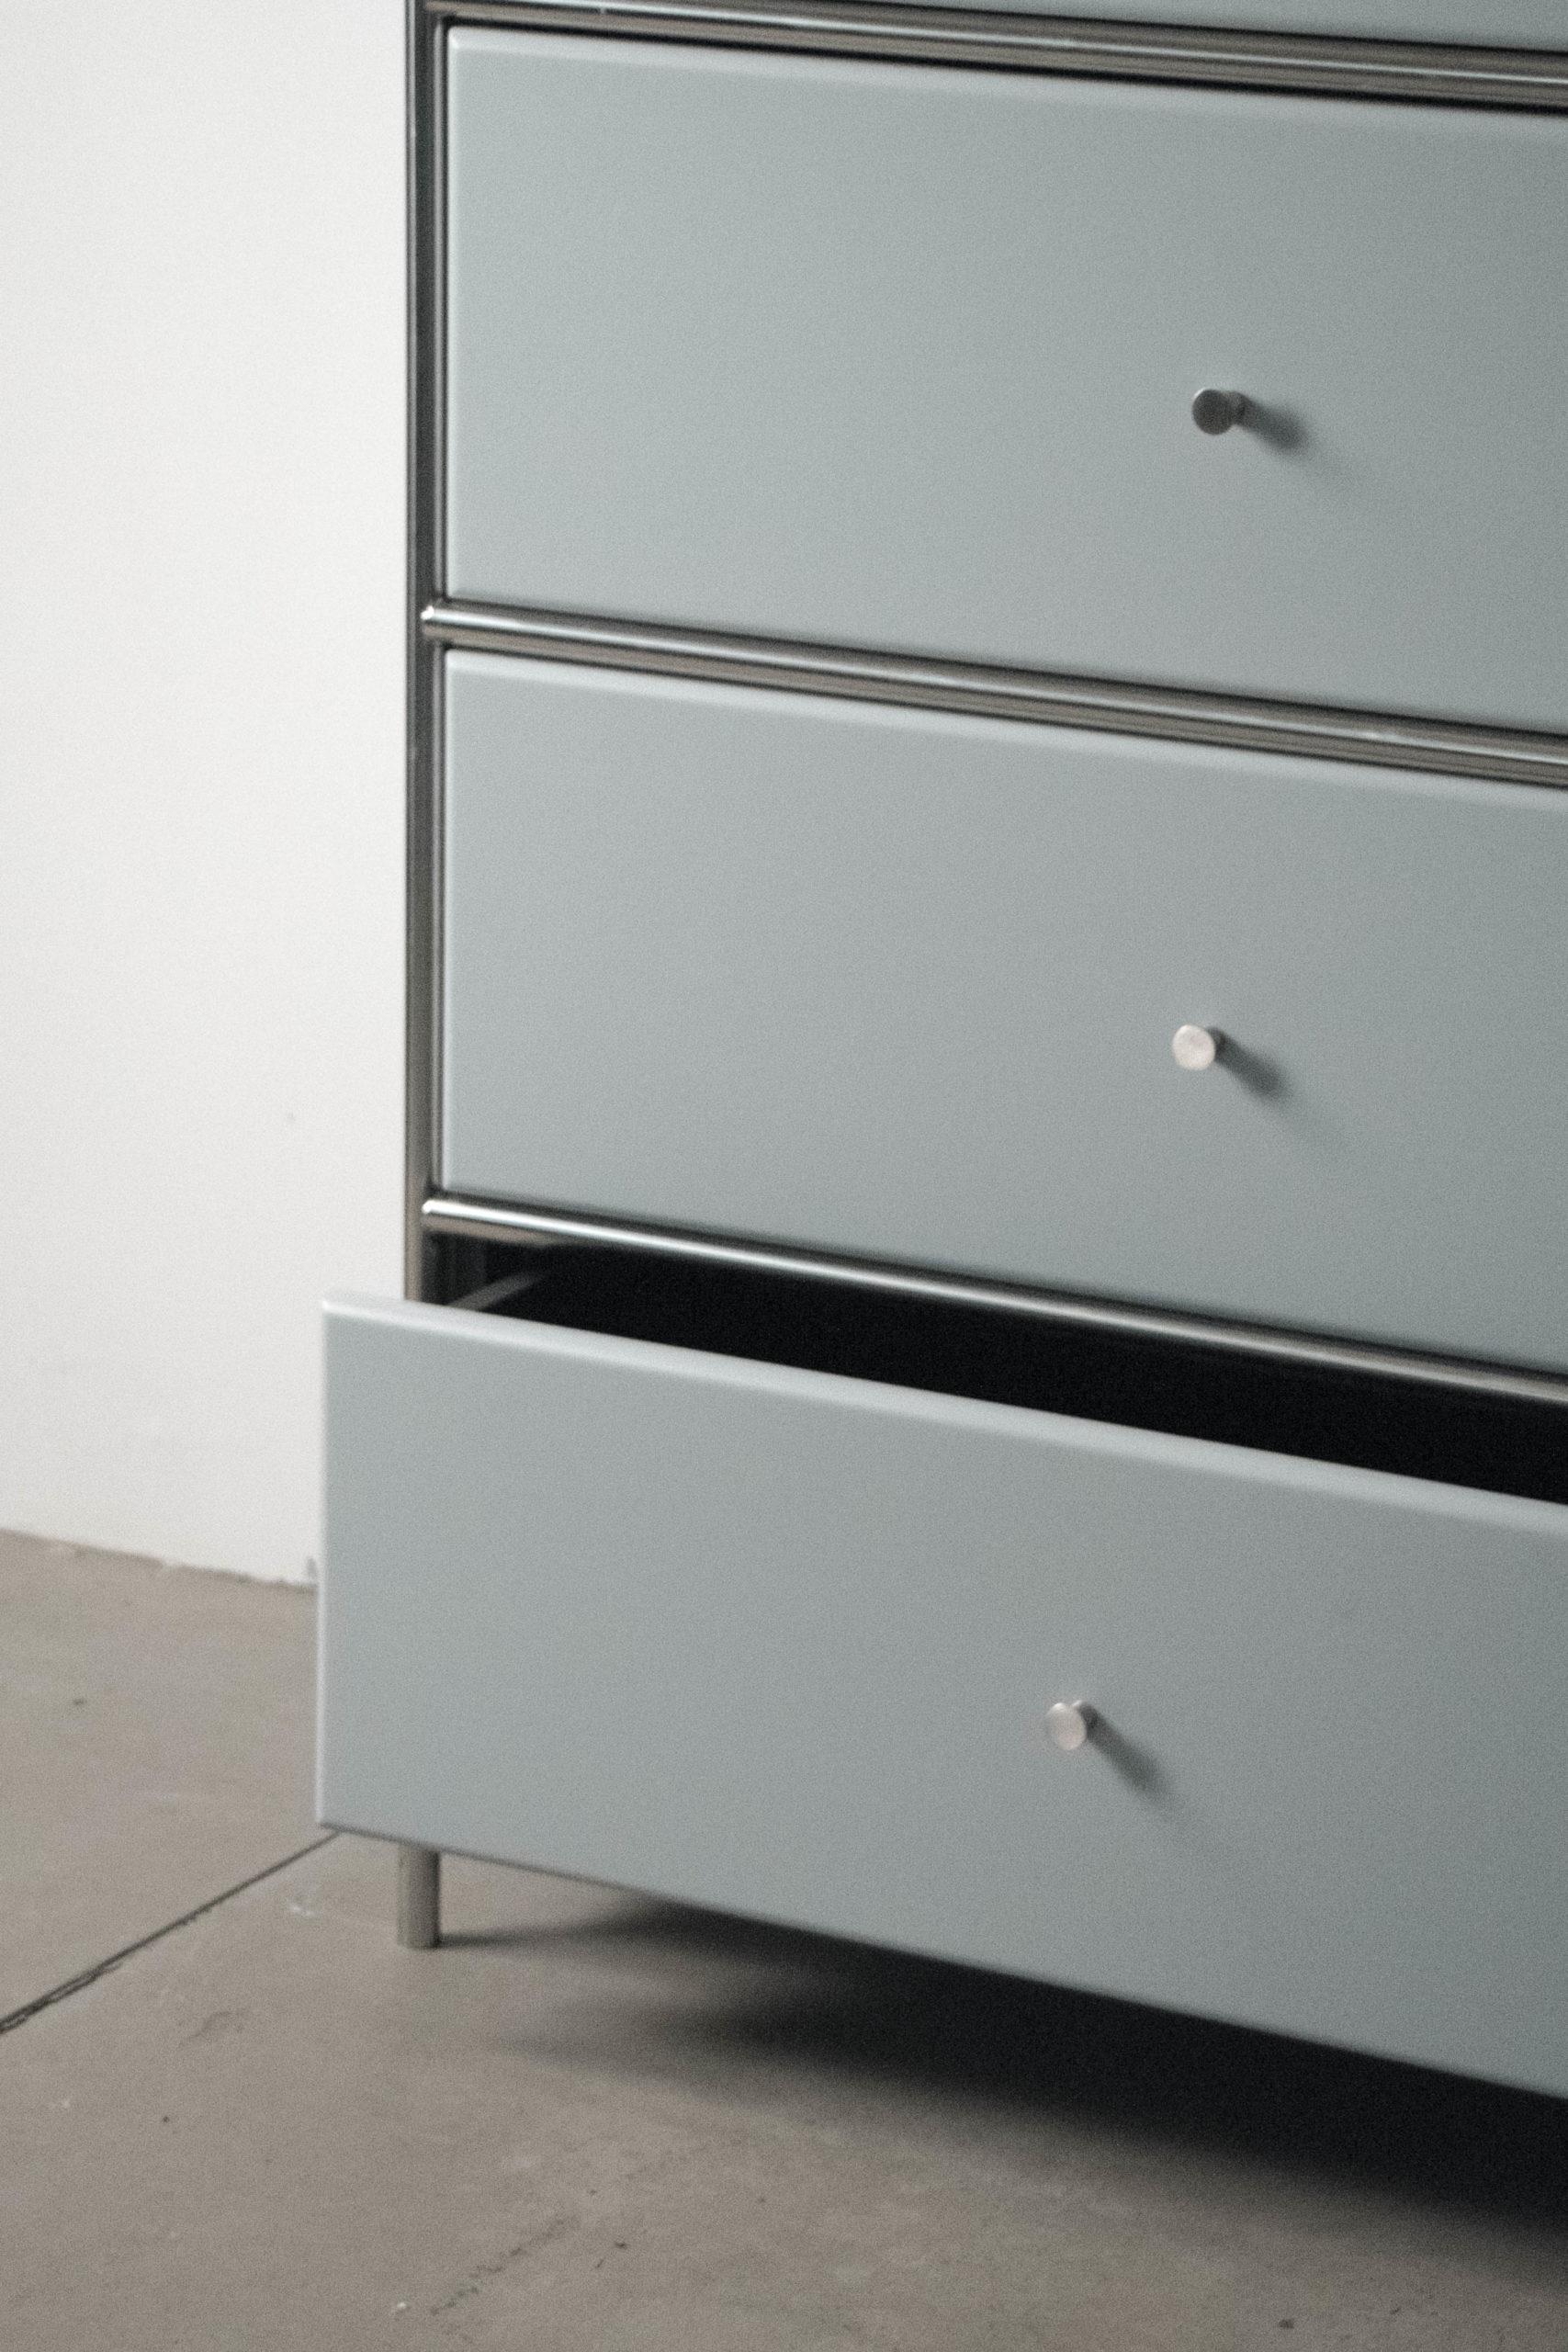 mueble gris usm hecho a mano calidad pintura color